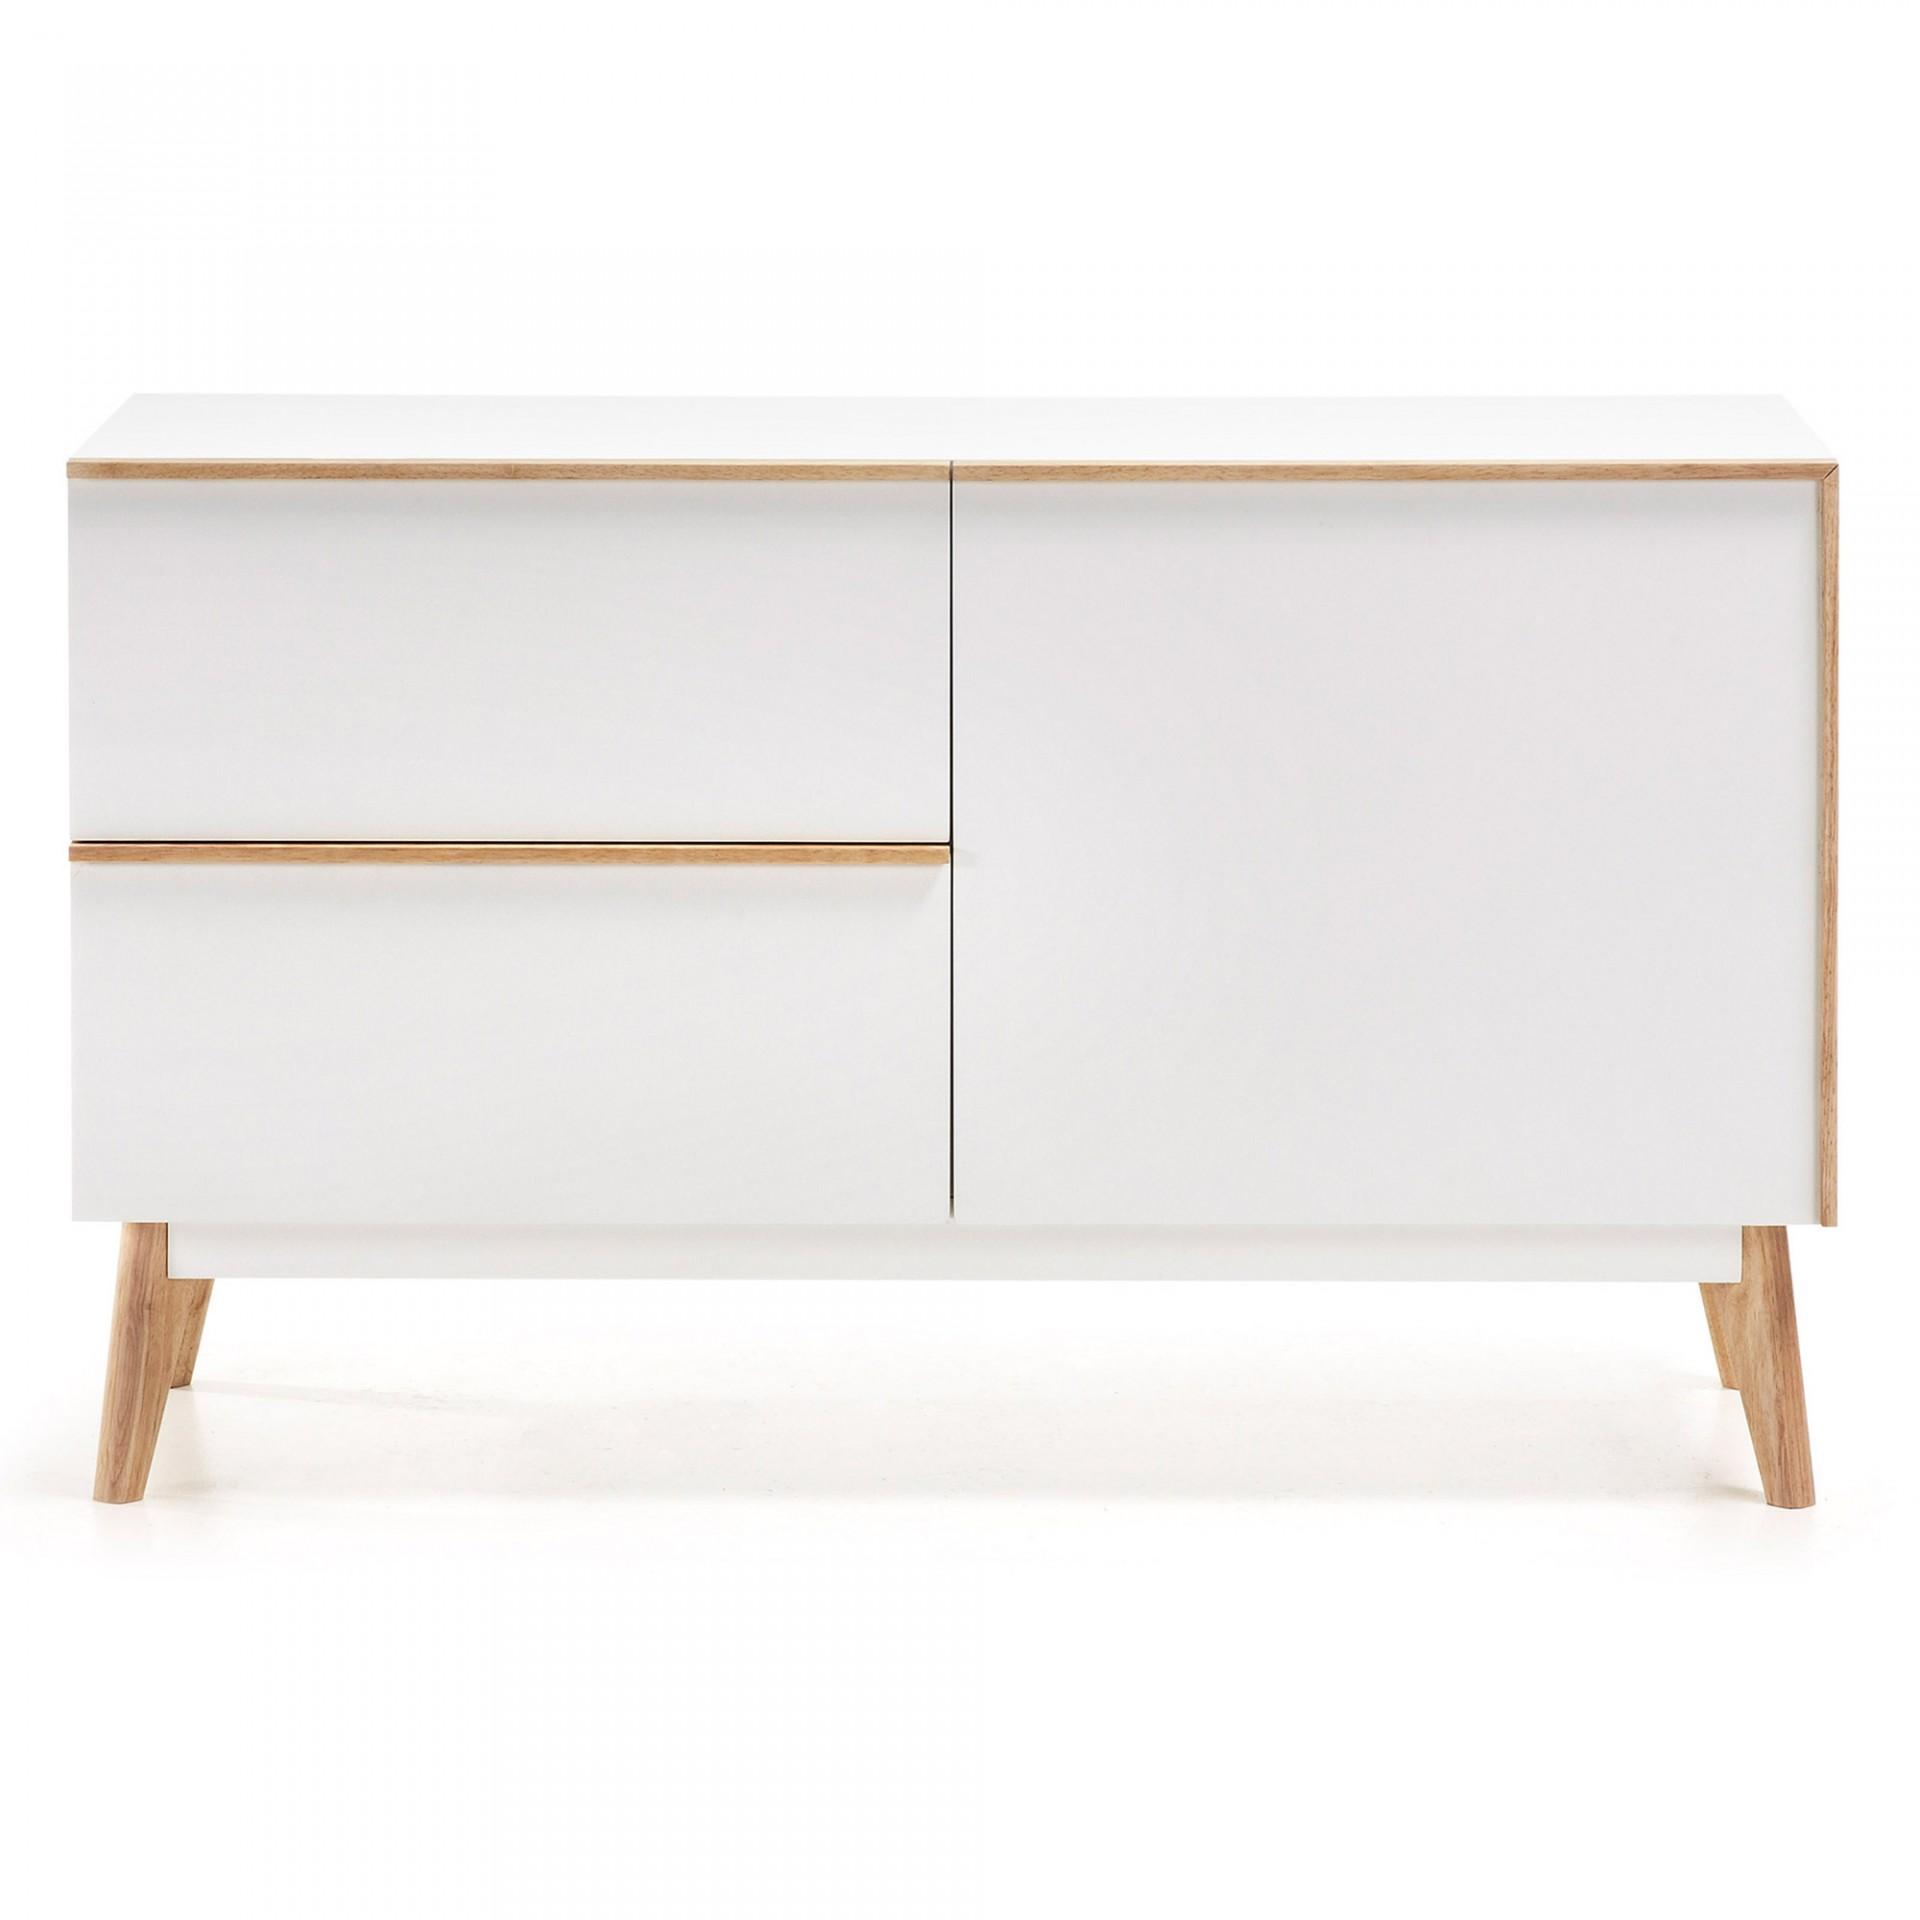 Aparador em madeira de carvalho/MDP lacado, 72x120 cm